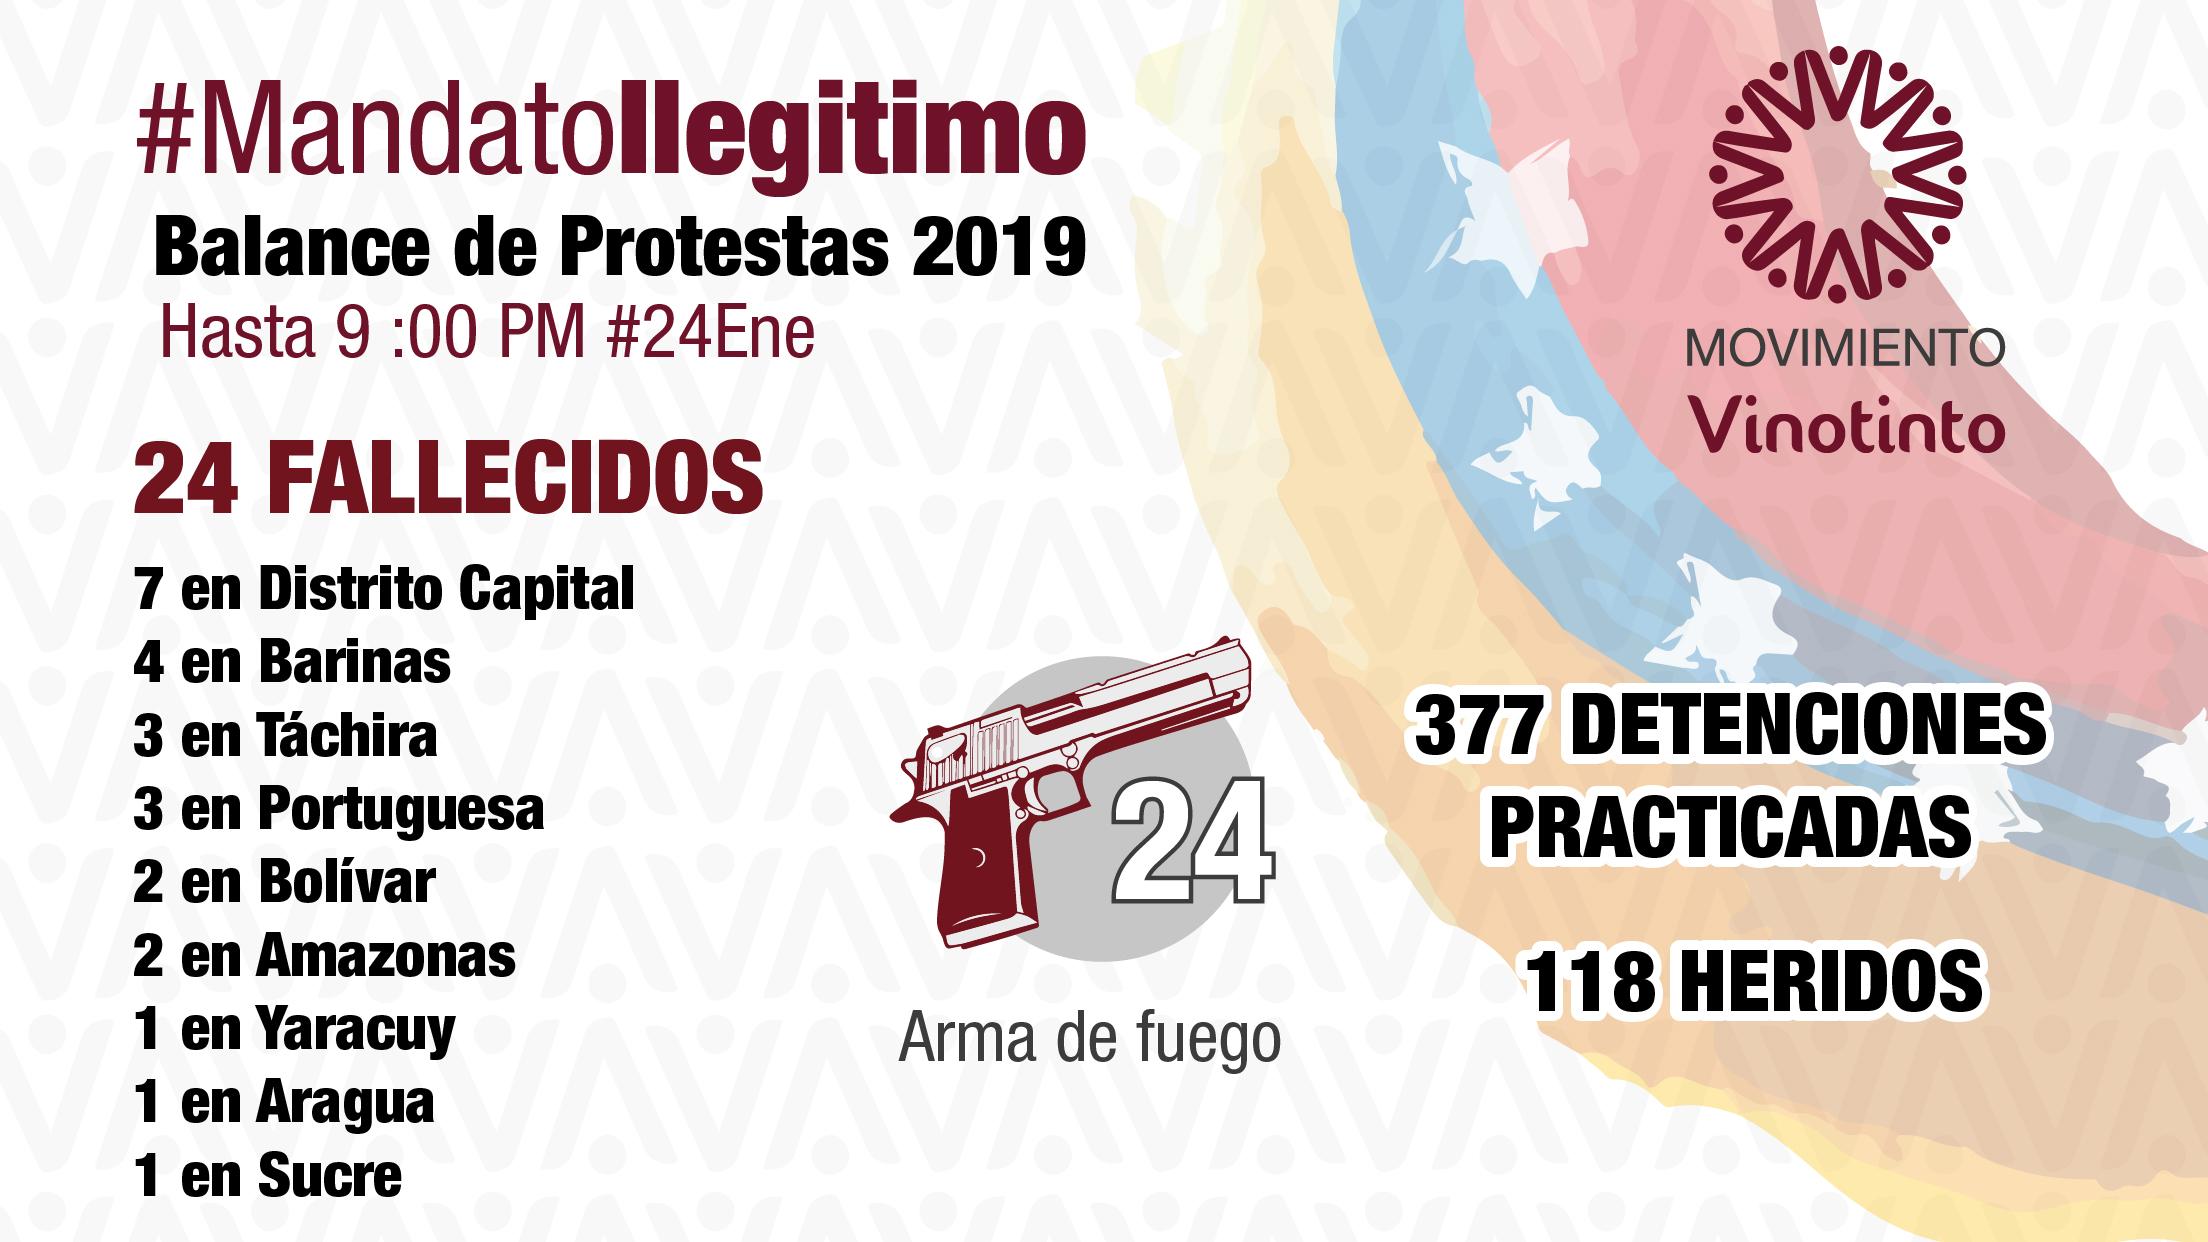 Fallecidos en protestas 2019 #25Ene